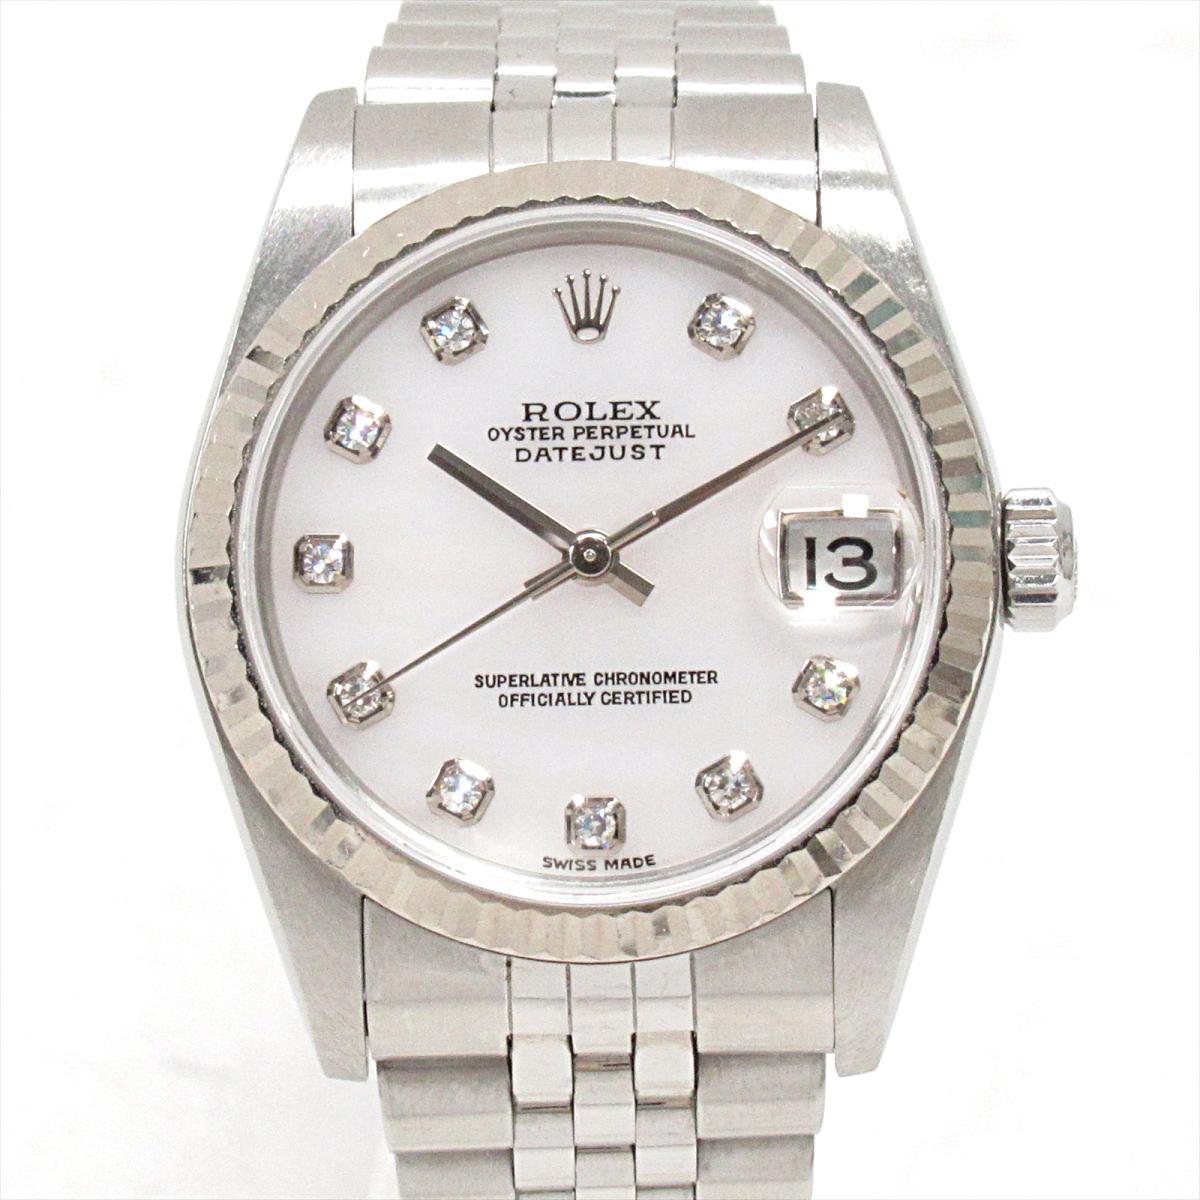 【中古】 ロレックス デイトジャスト 腕時計 ウォッチ 時計 レディース ステンレススチール (SS) xK18WG (750) ホワイトゴールドxダイヤモンド (10P) (78274)   ROLEX BRANDOFF ブランドオフ ブランド ブランド時計 ブランド腕時計